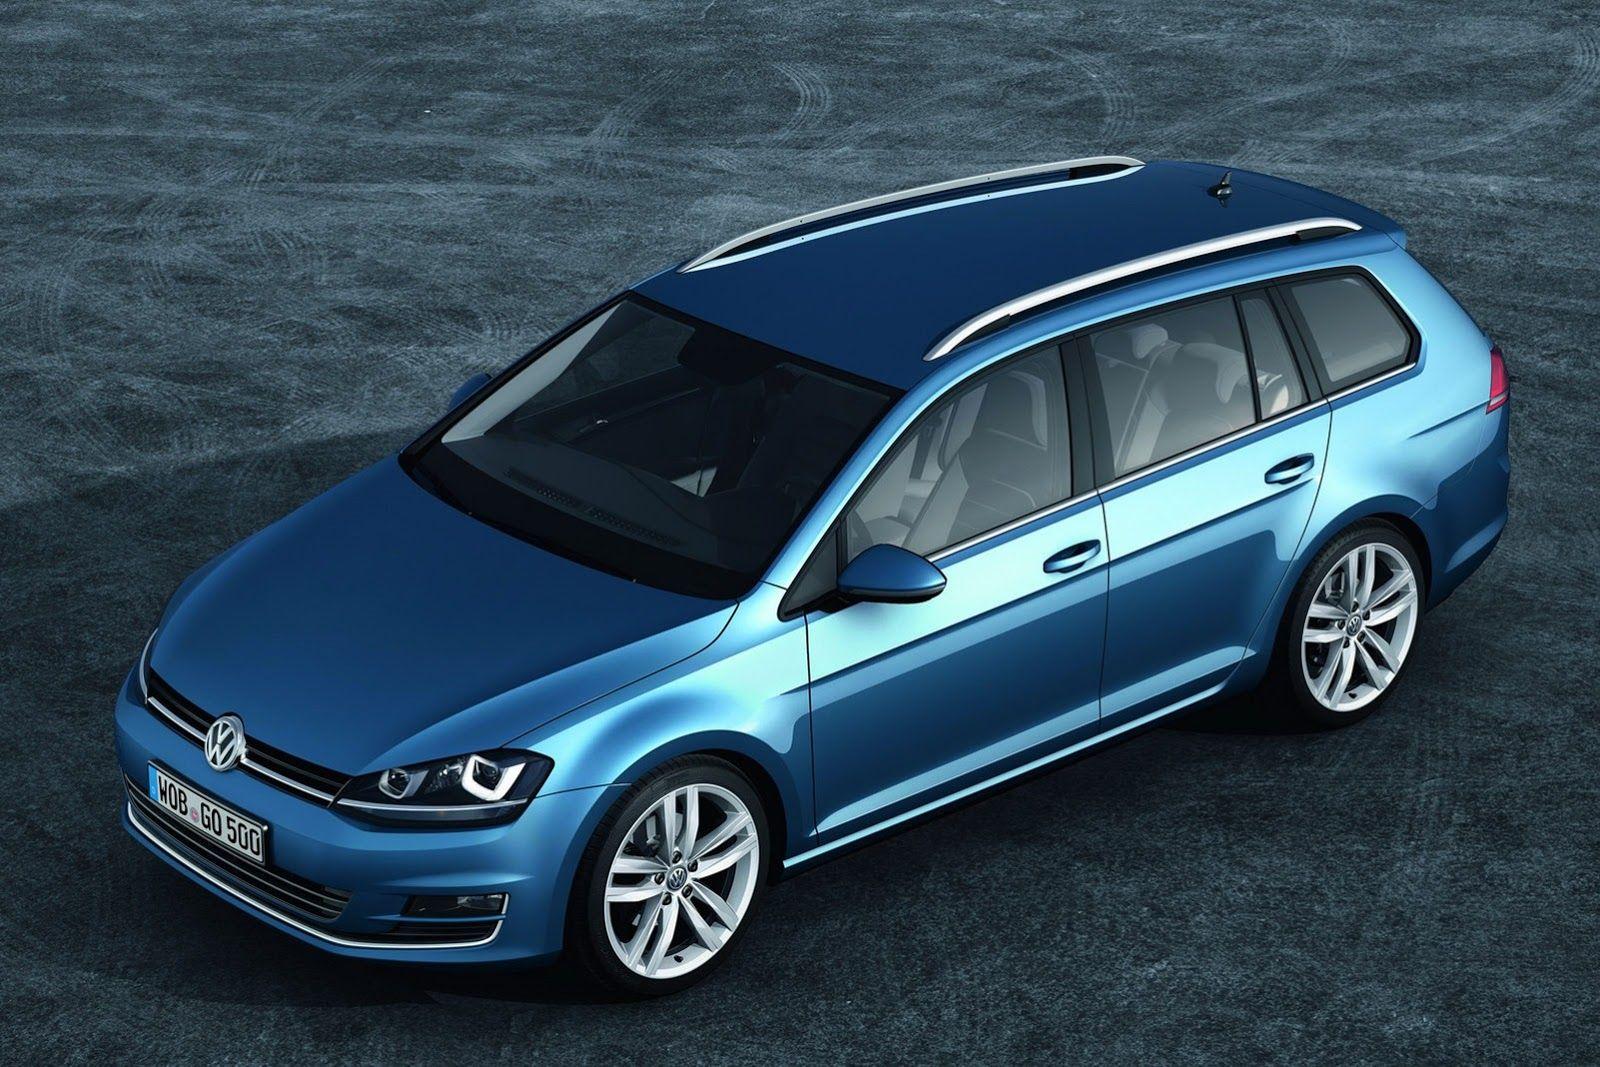 New VW Golf Variant is the 2014 Jetta SportWagen, TDI